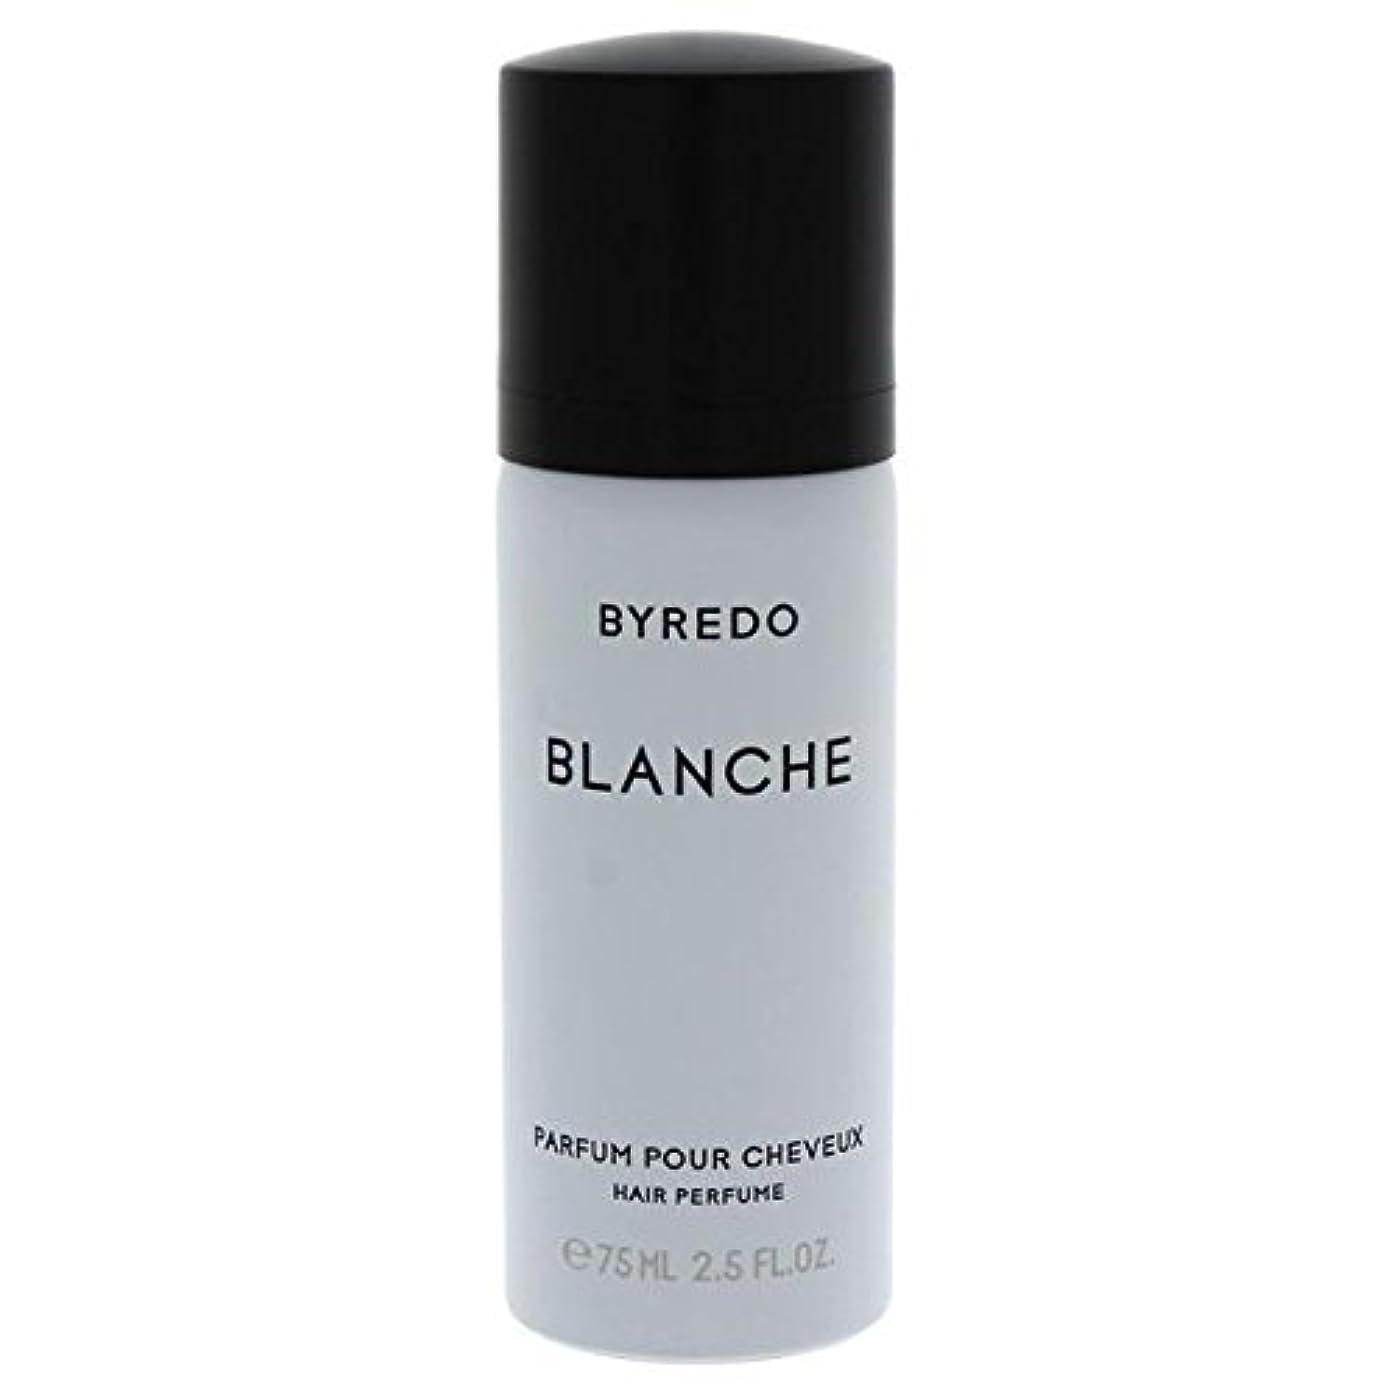 空虚汚染されたラビリンスバレード ブランシュ ヘアパフューム 75ml BYREDO BLANCHE HAIR PERFUME